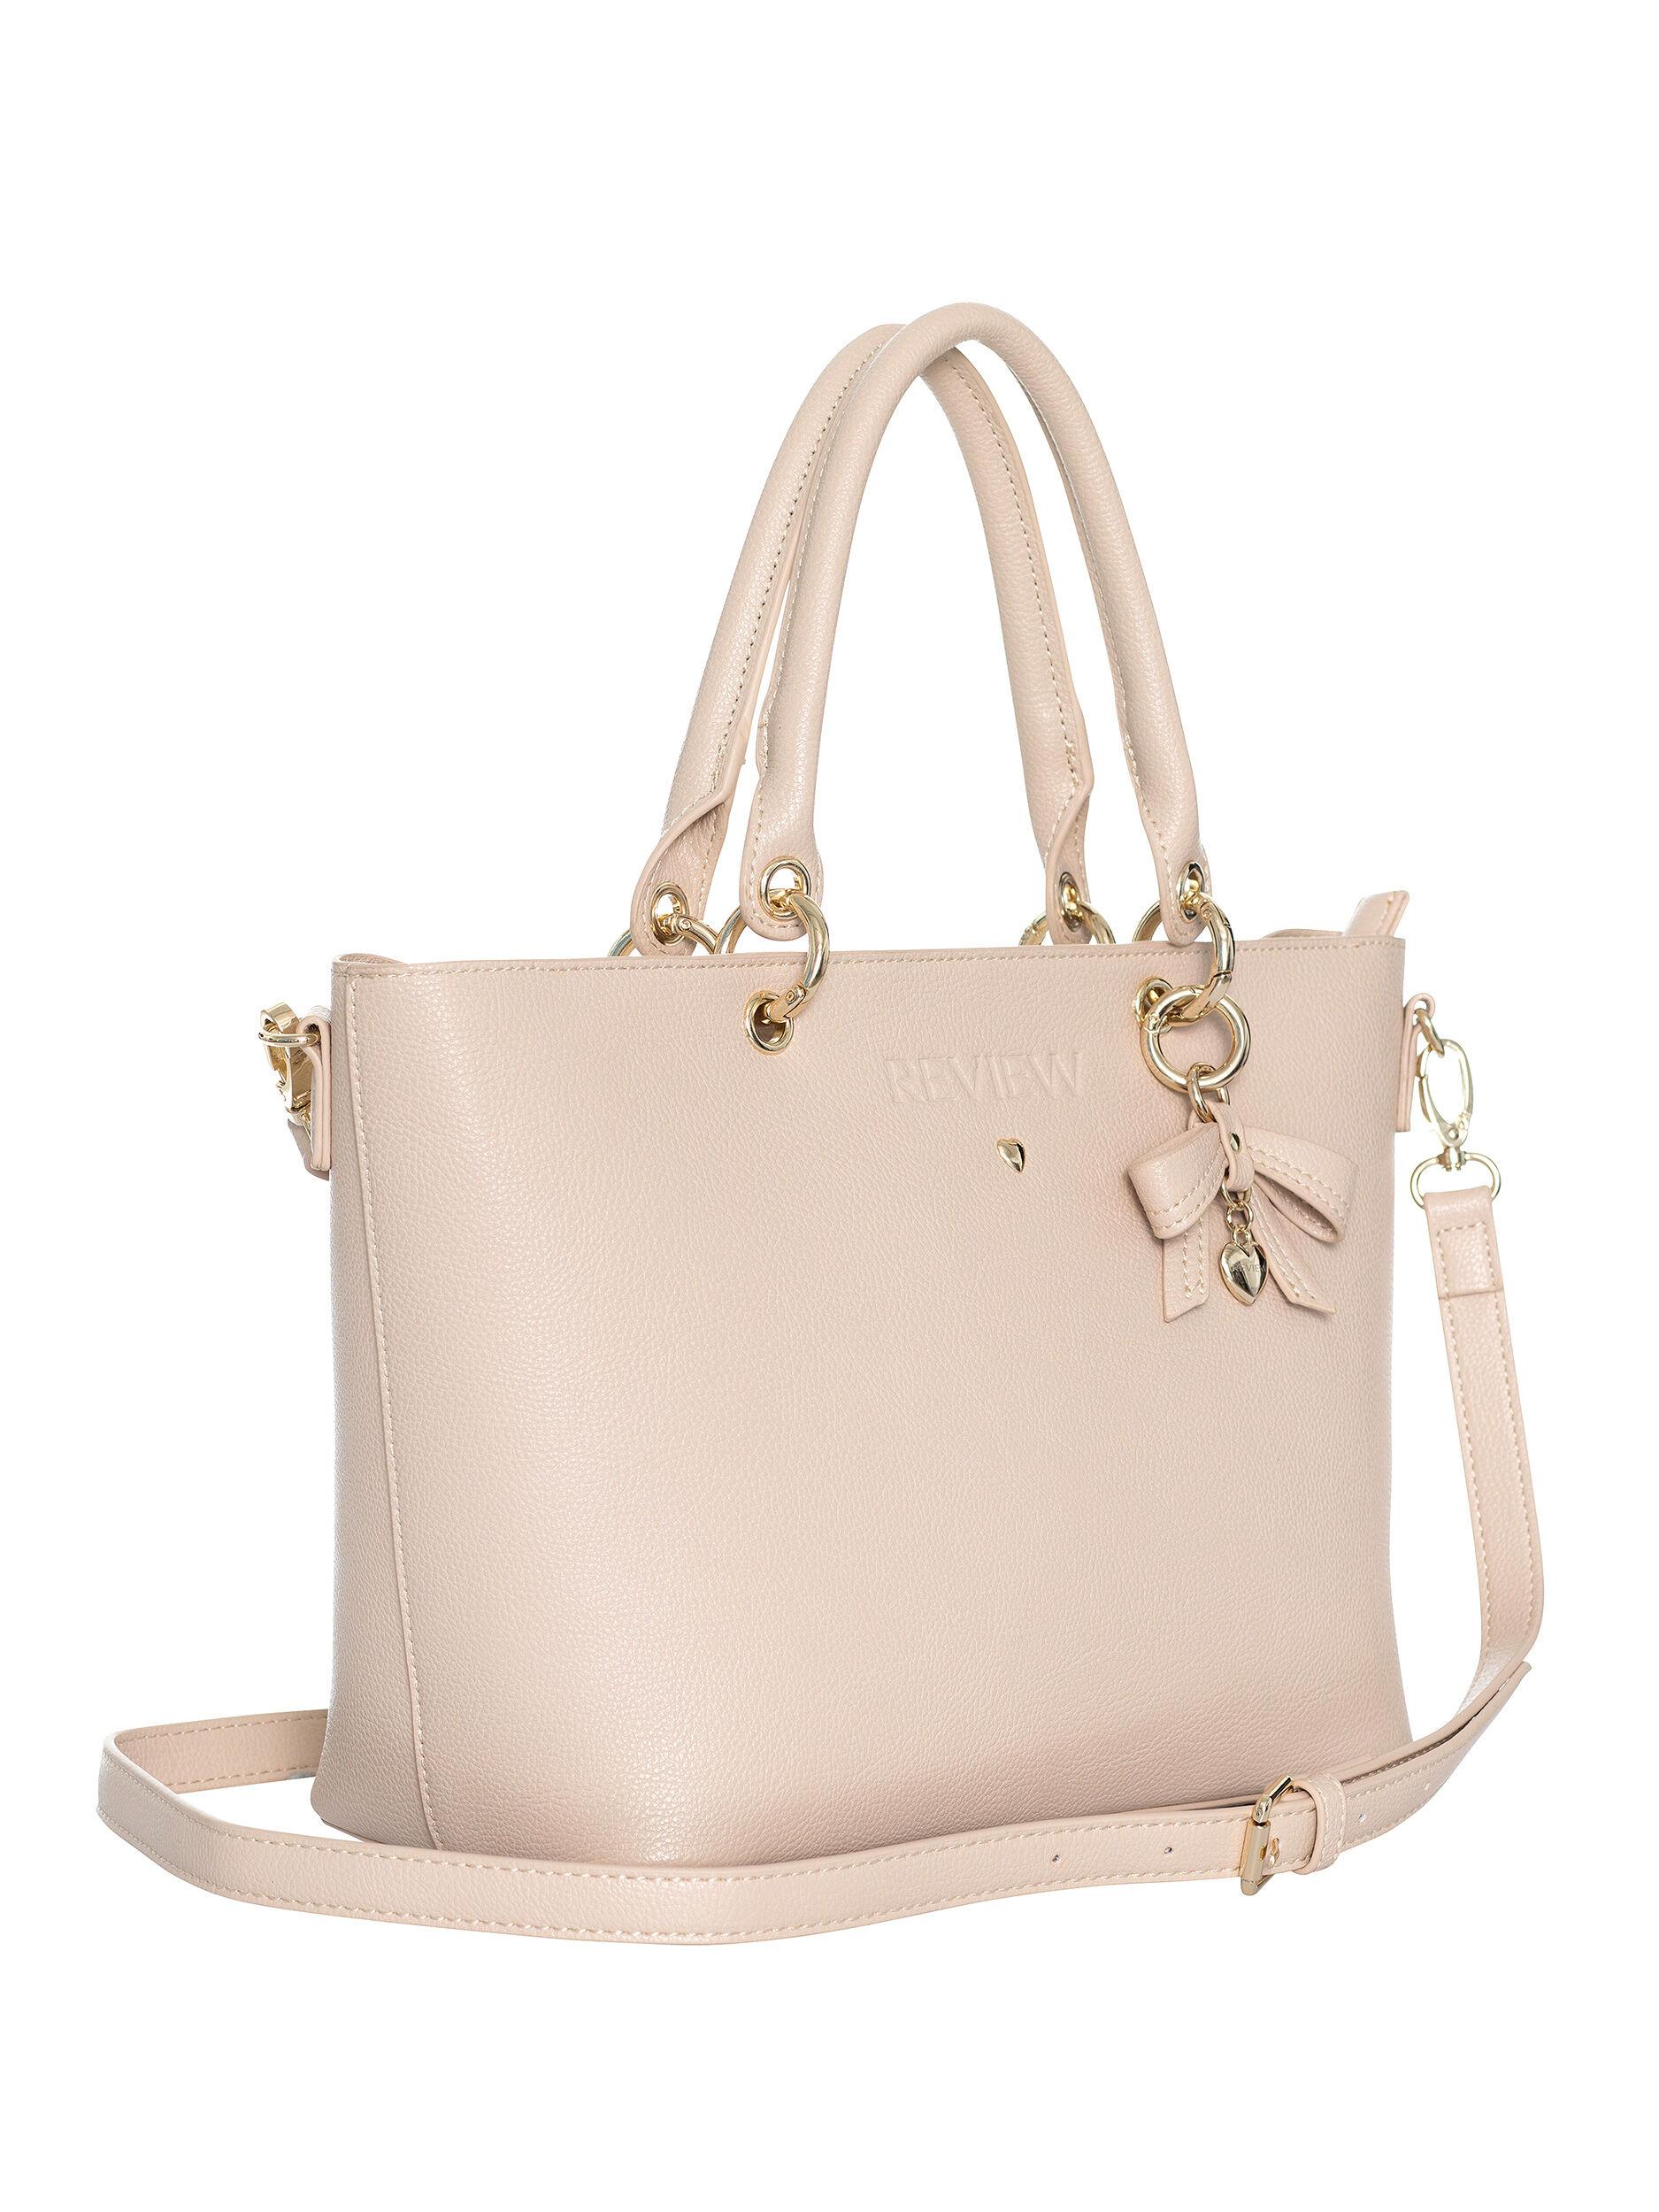 Amore Tote Bag